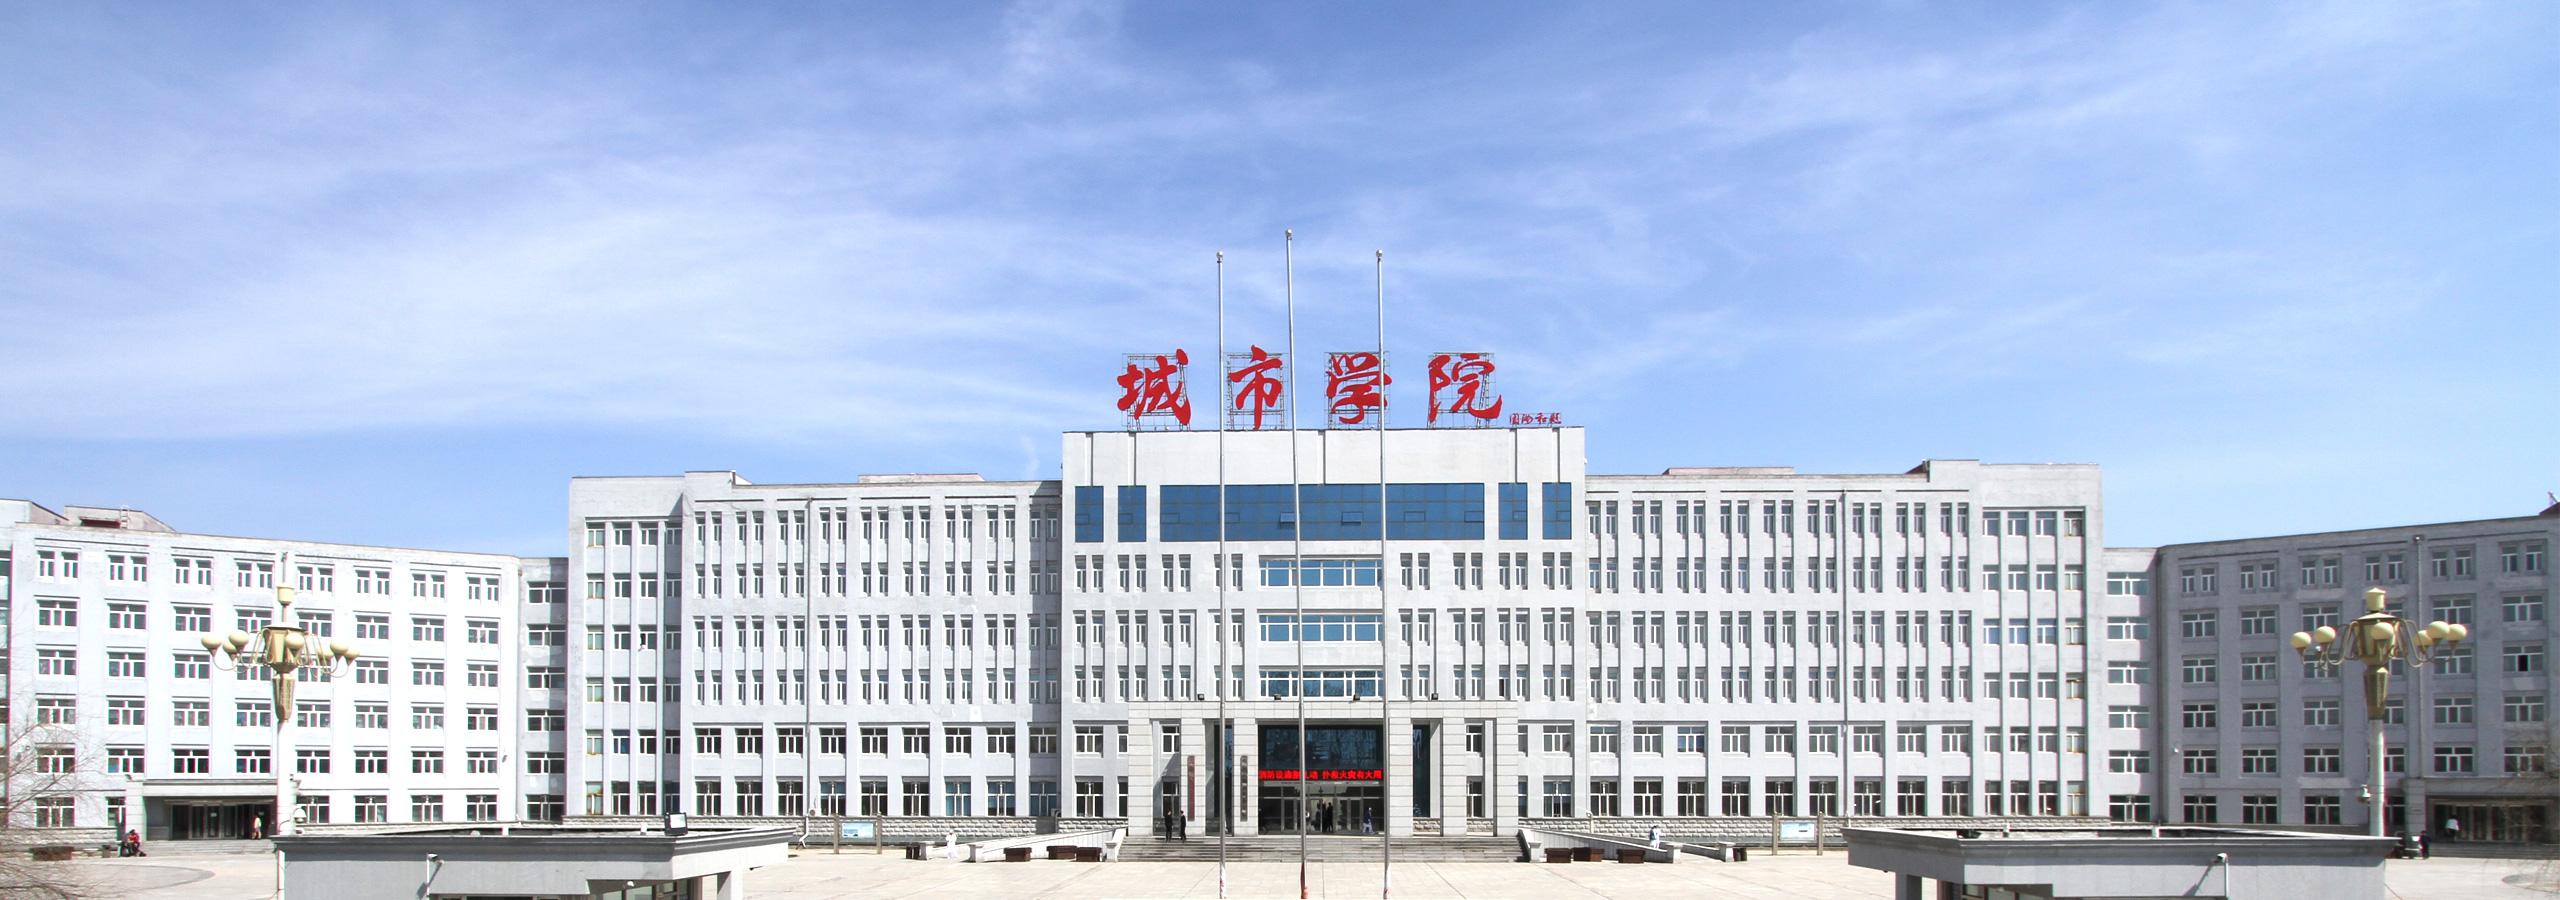 哈尔滨城市职业学□院主楼